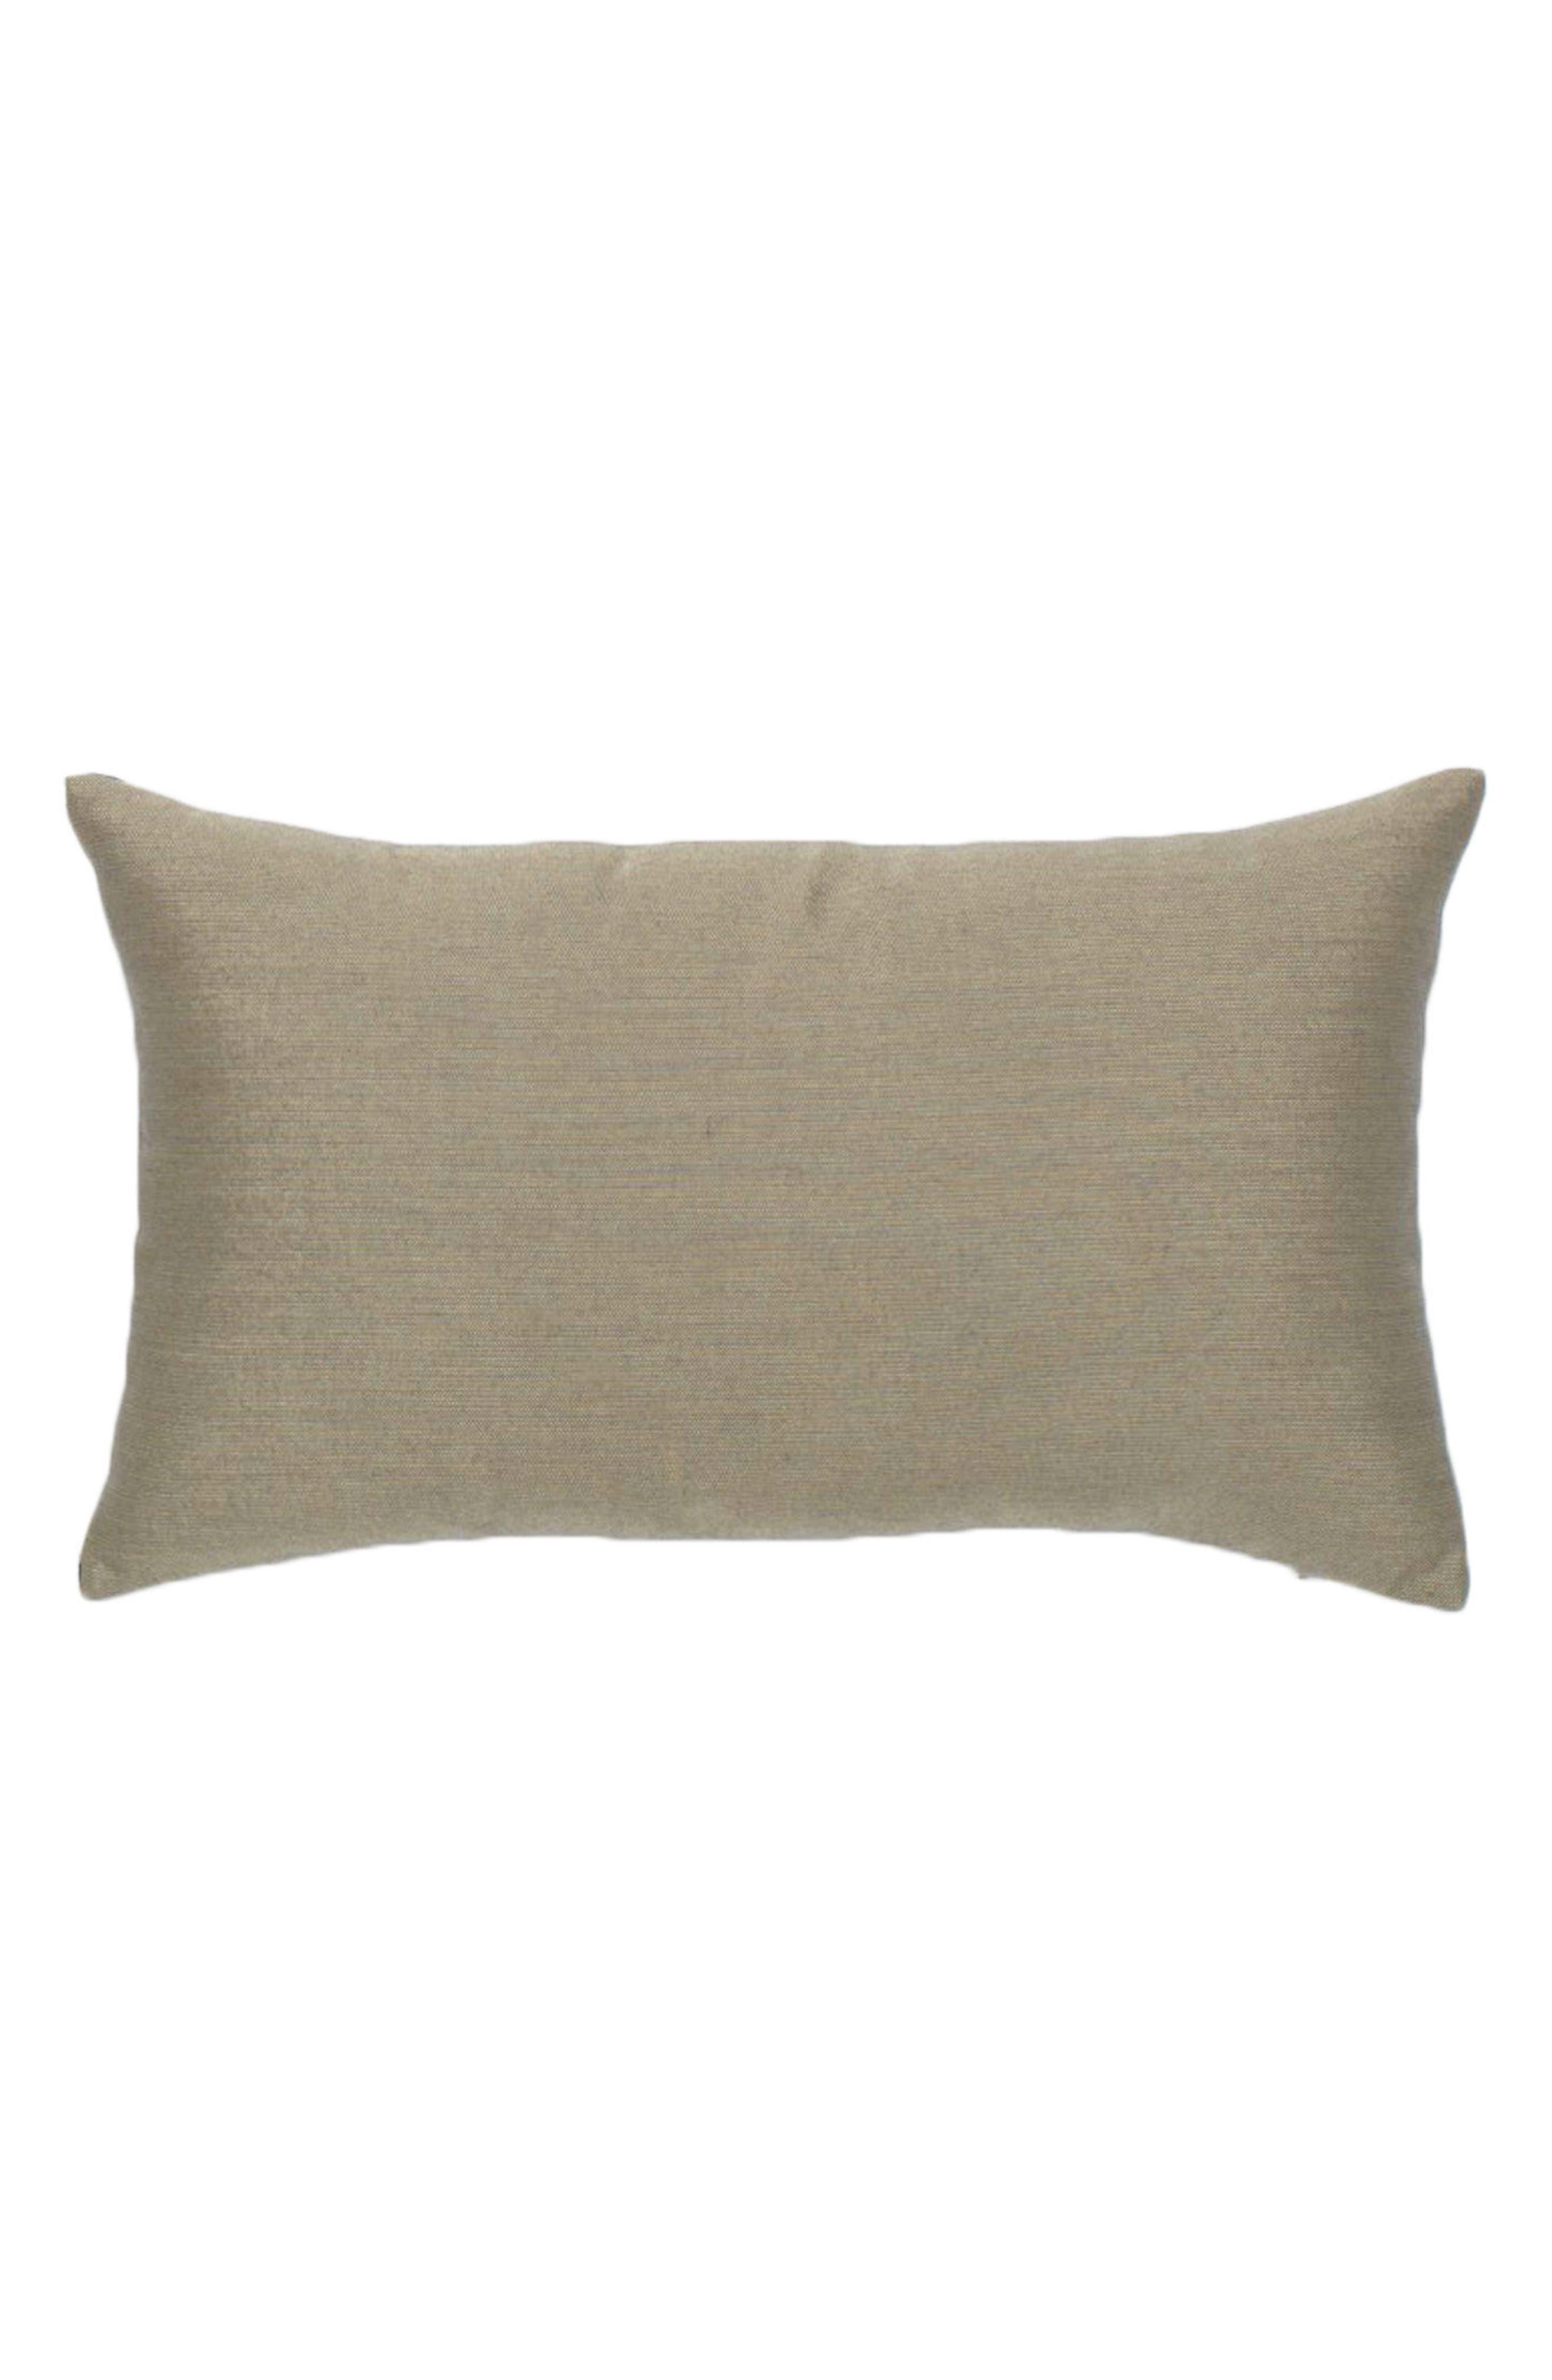 Divergence Indigo Lumbar Pillow,                             Alternate thumbnail 2, color,                             400